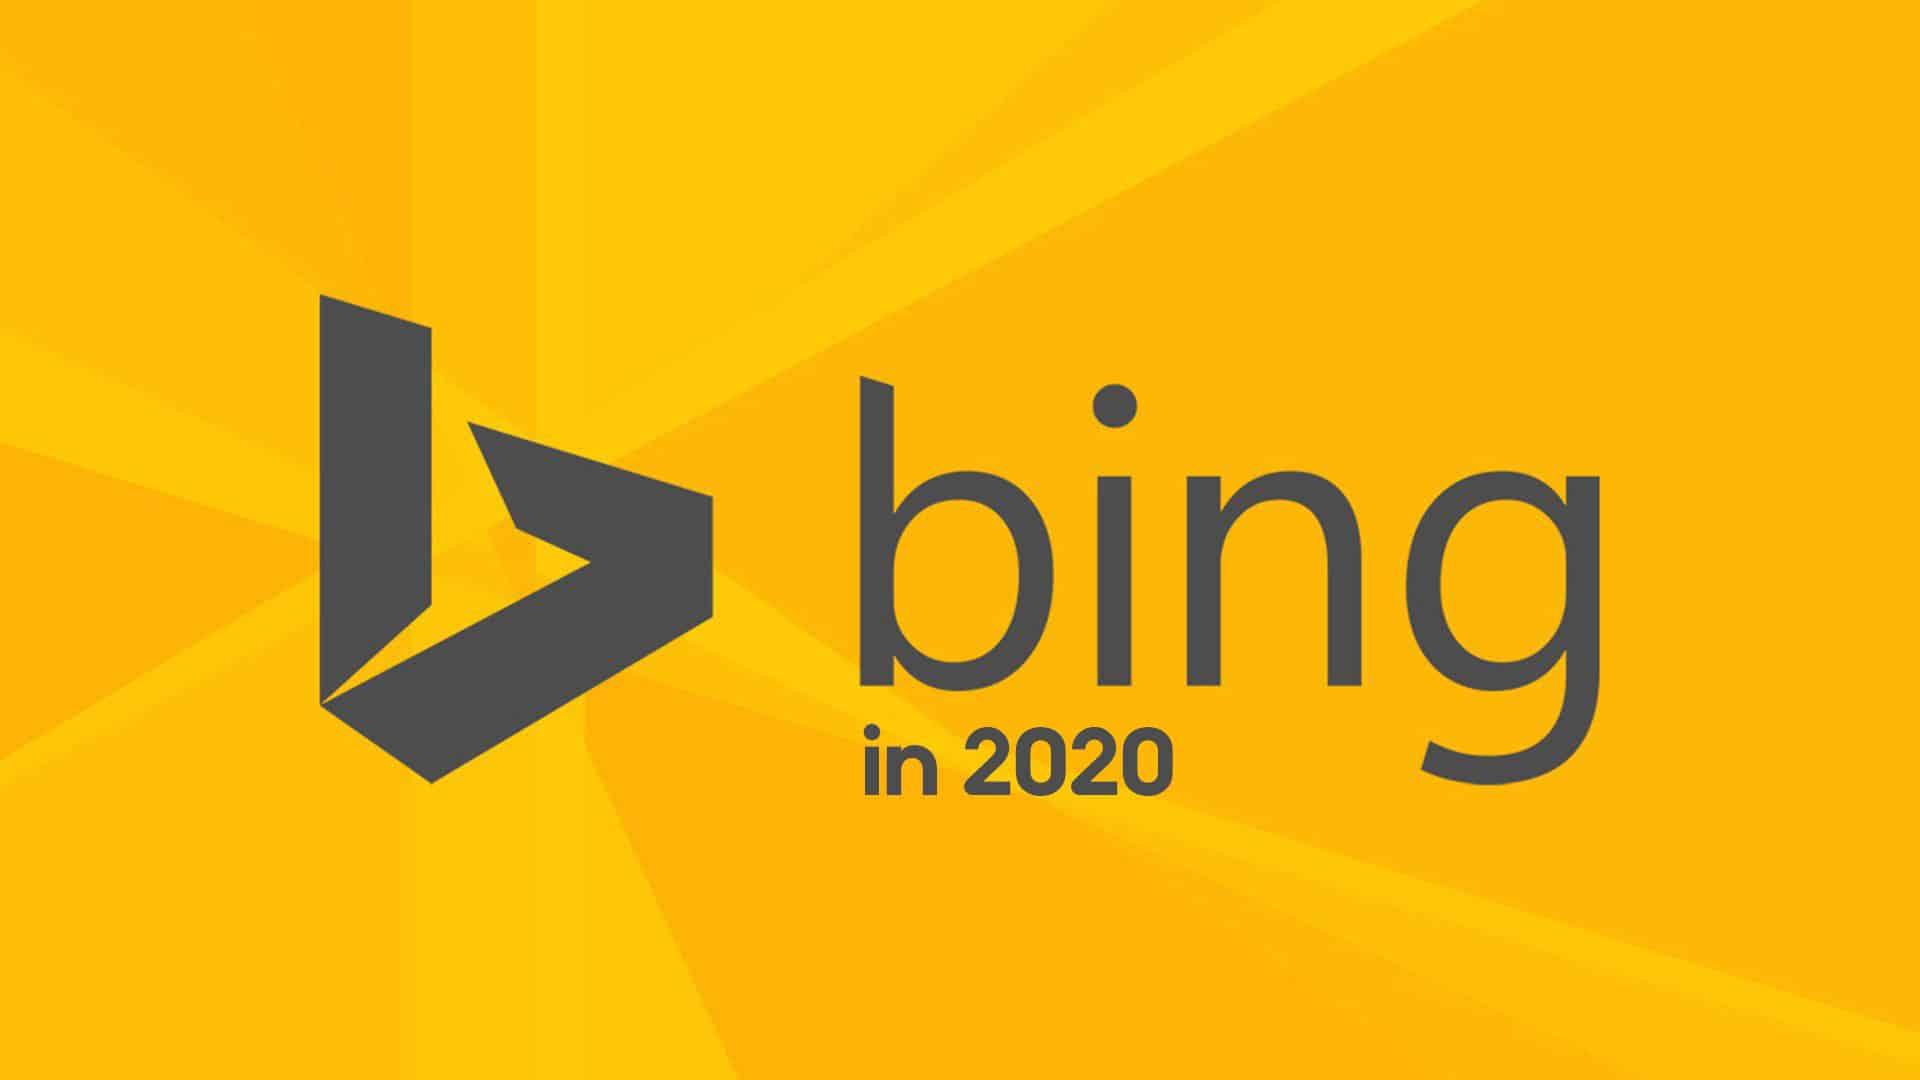 kan-je-bing-in-2020-links-laten-liggen